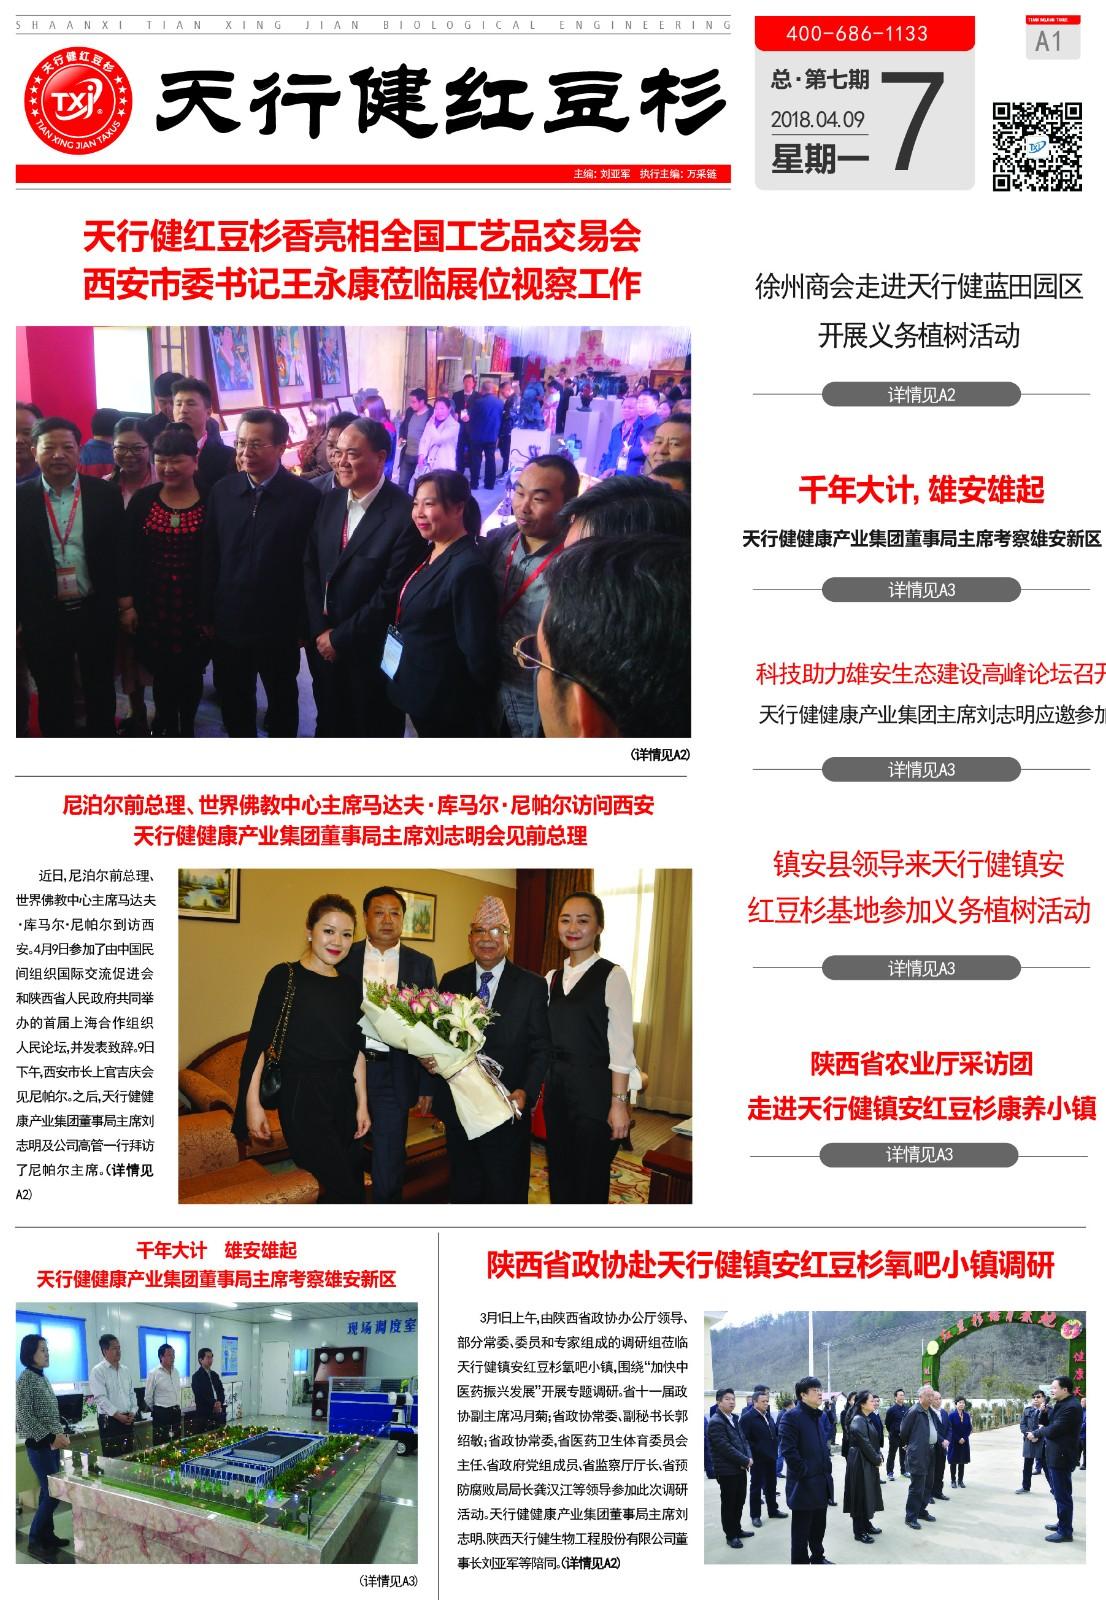 天行健紅豆杉第七期報紙出版|公司月報-陜西省天行健生物工程股份有限公司